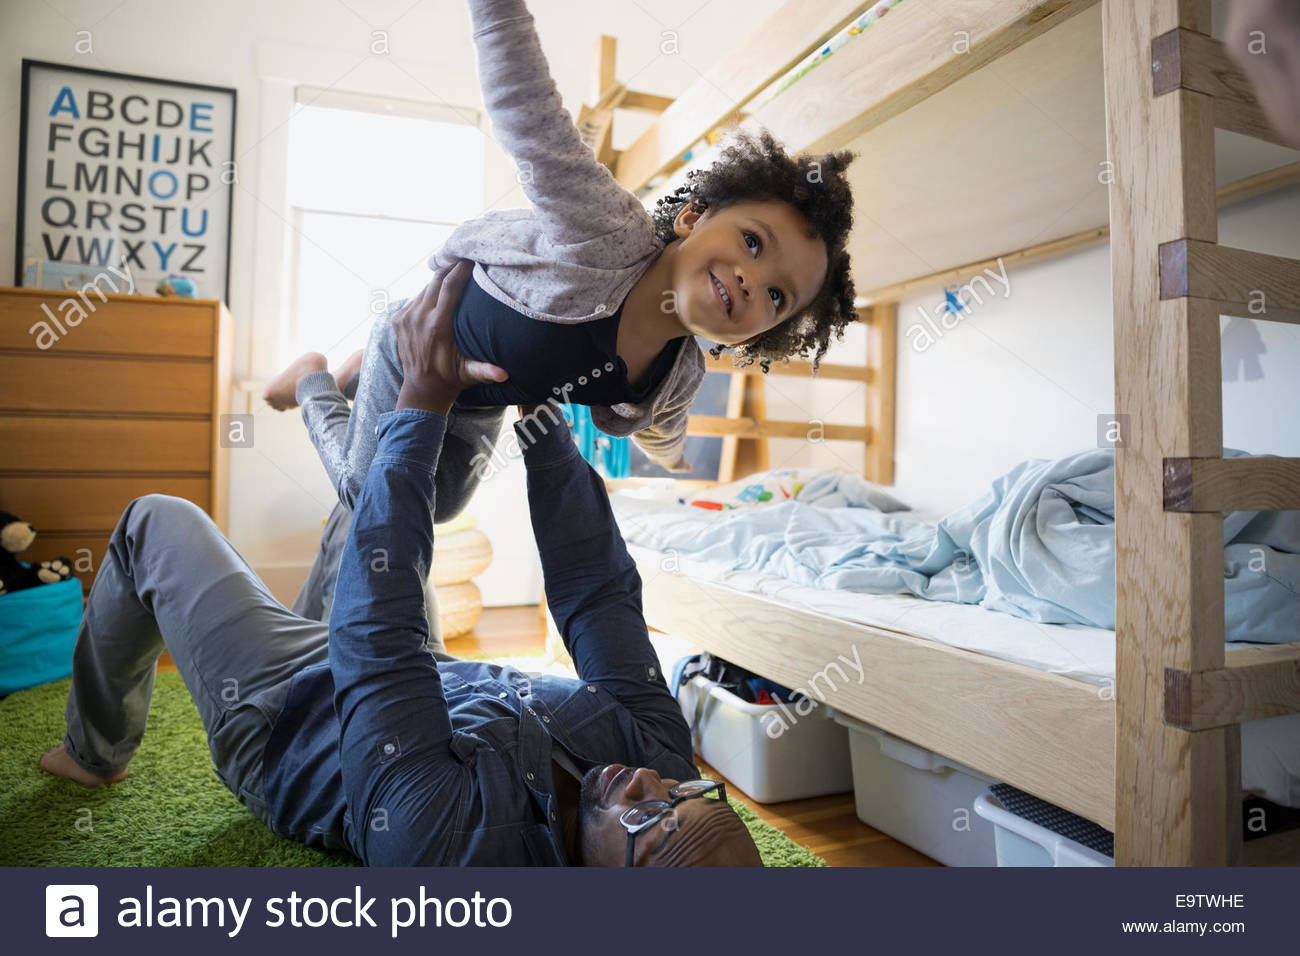 Padre elevação arvorando filha no quarto Imagens de Stock